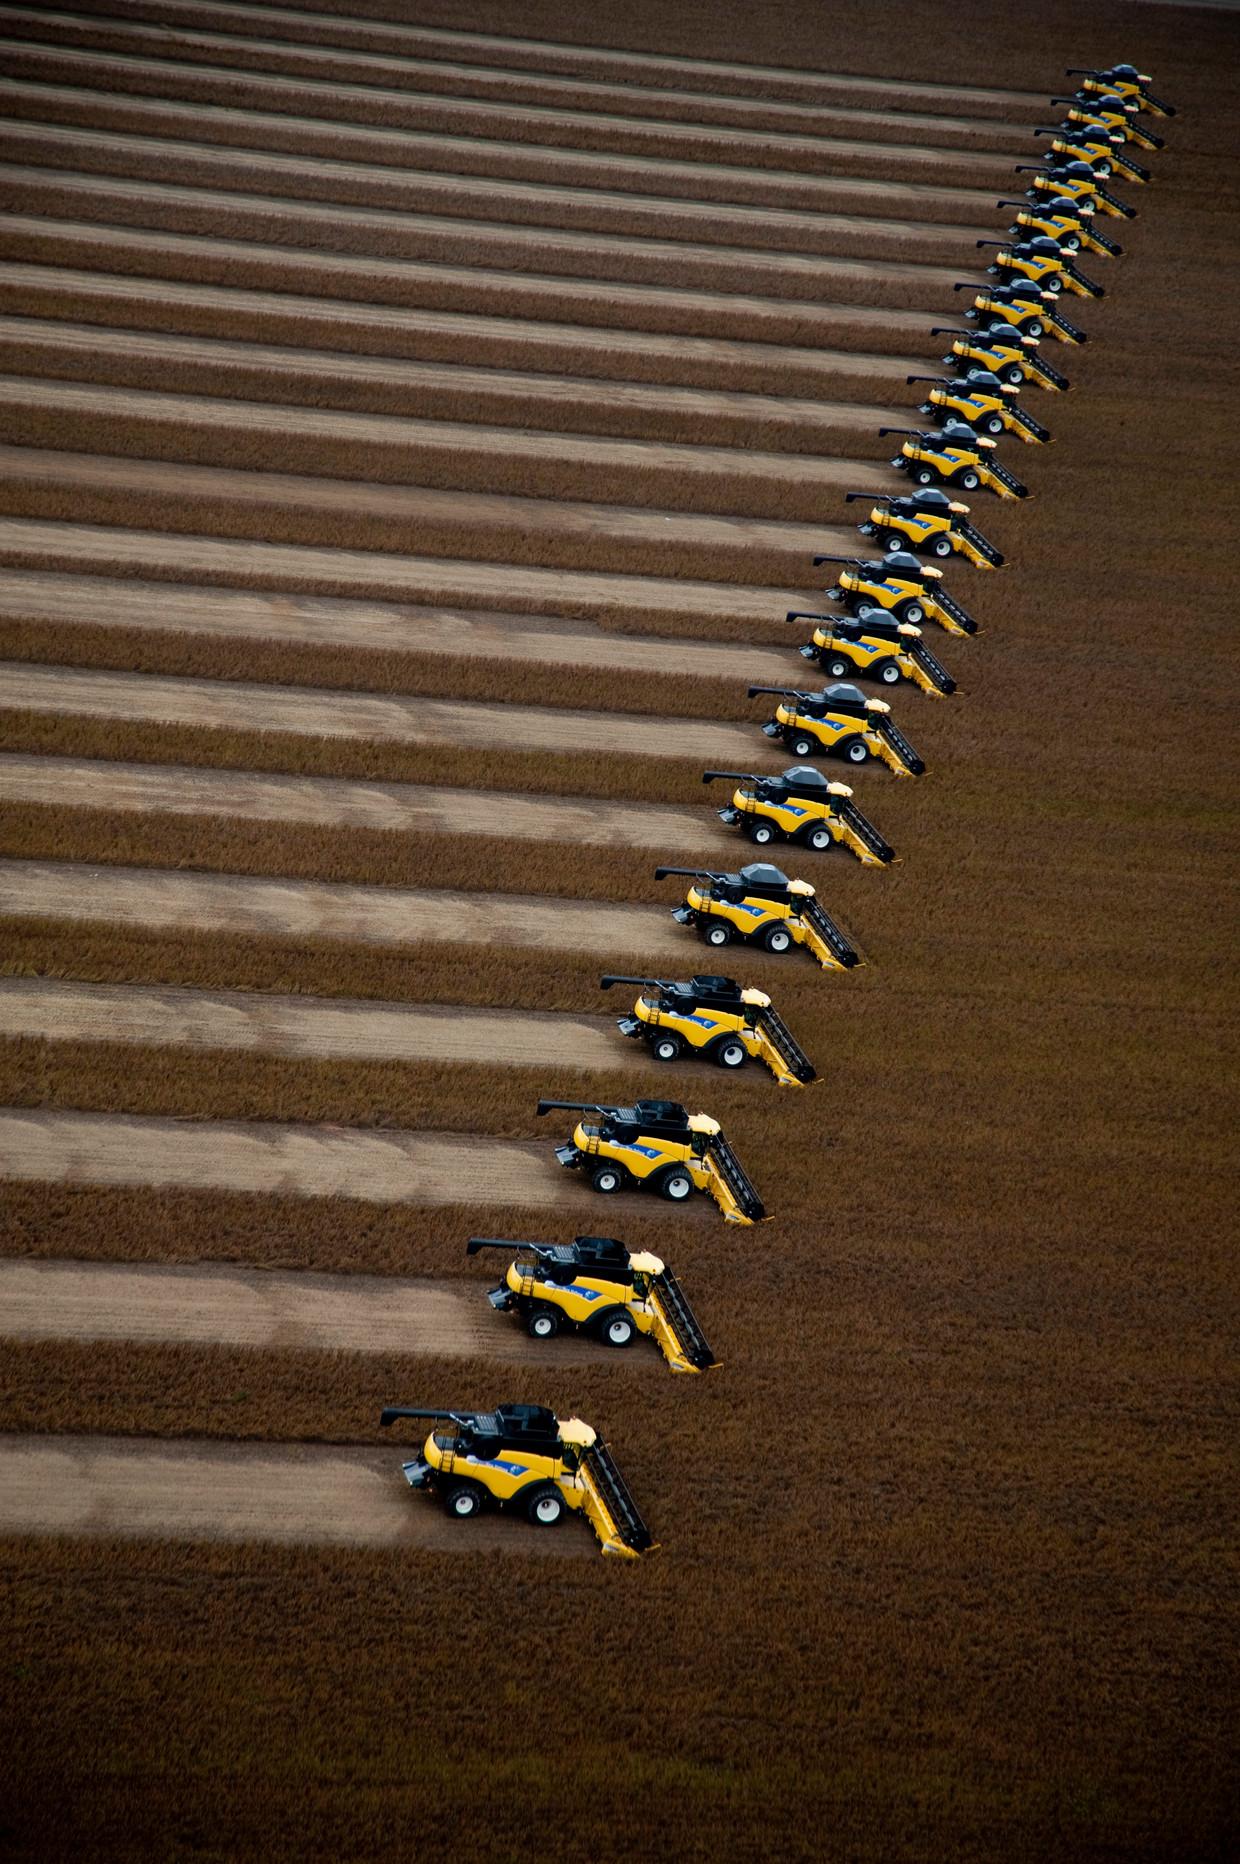 Een sojabonenplantage in Correntina, Brazilië. Beeld Corbis via Getty Images